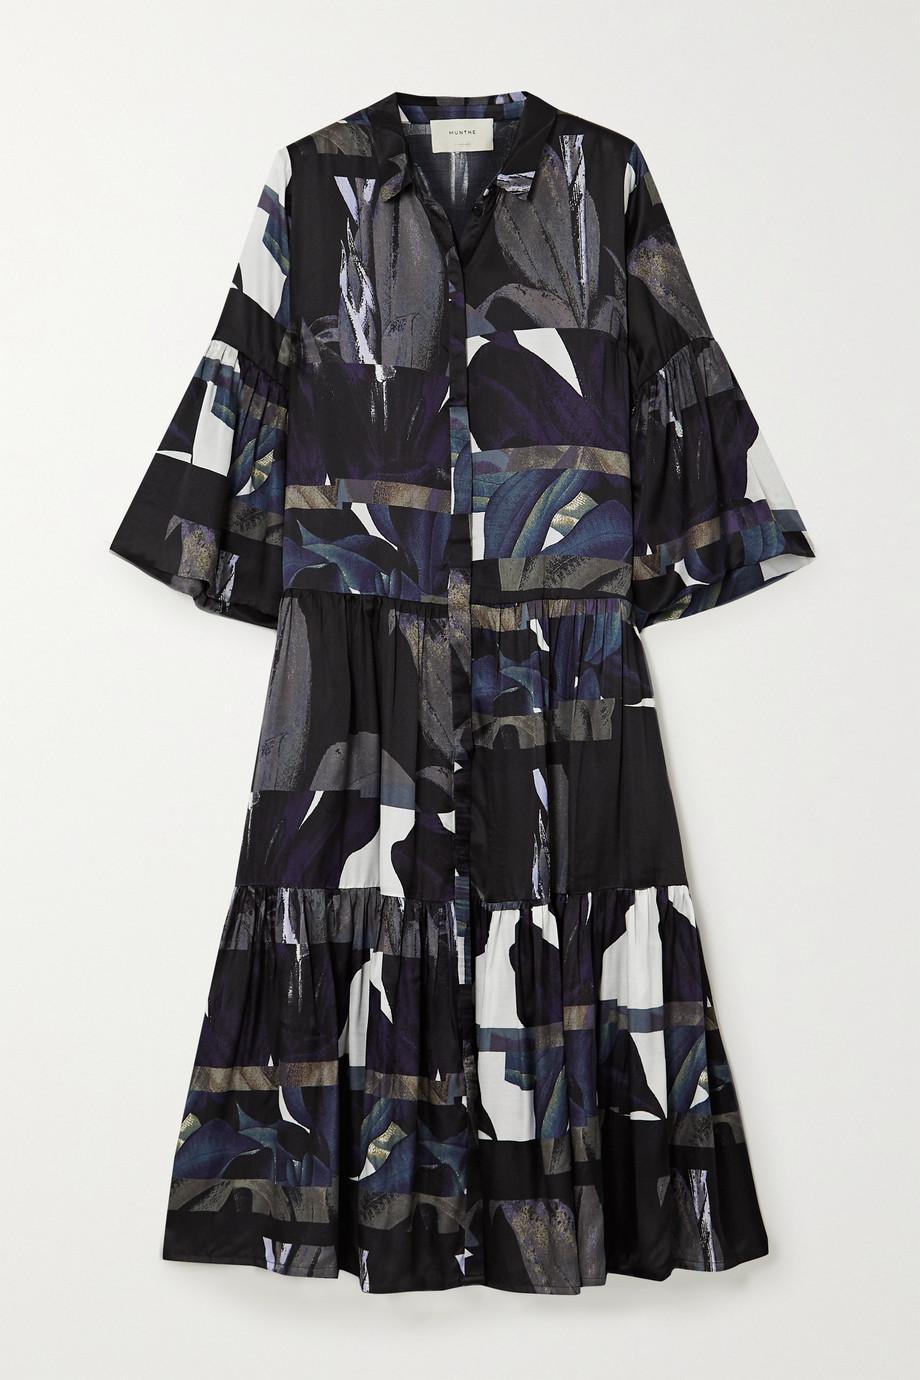 MUNTHE Emmanuel 层接式印花哑光缎布中长衬衫式连衣裙